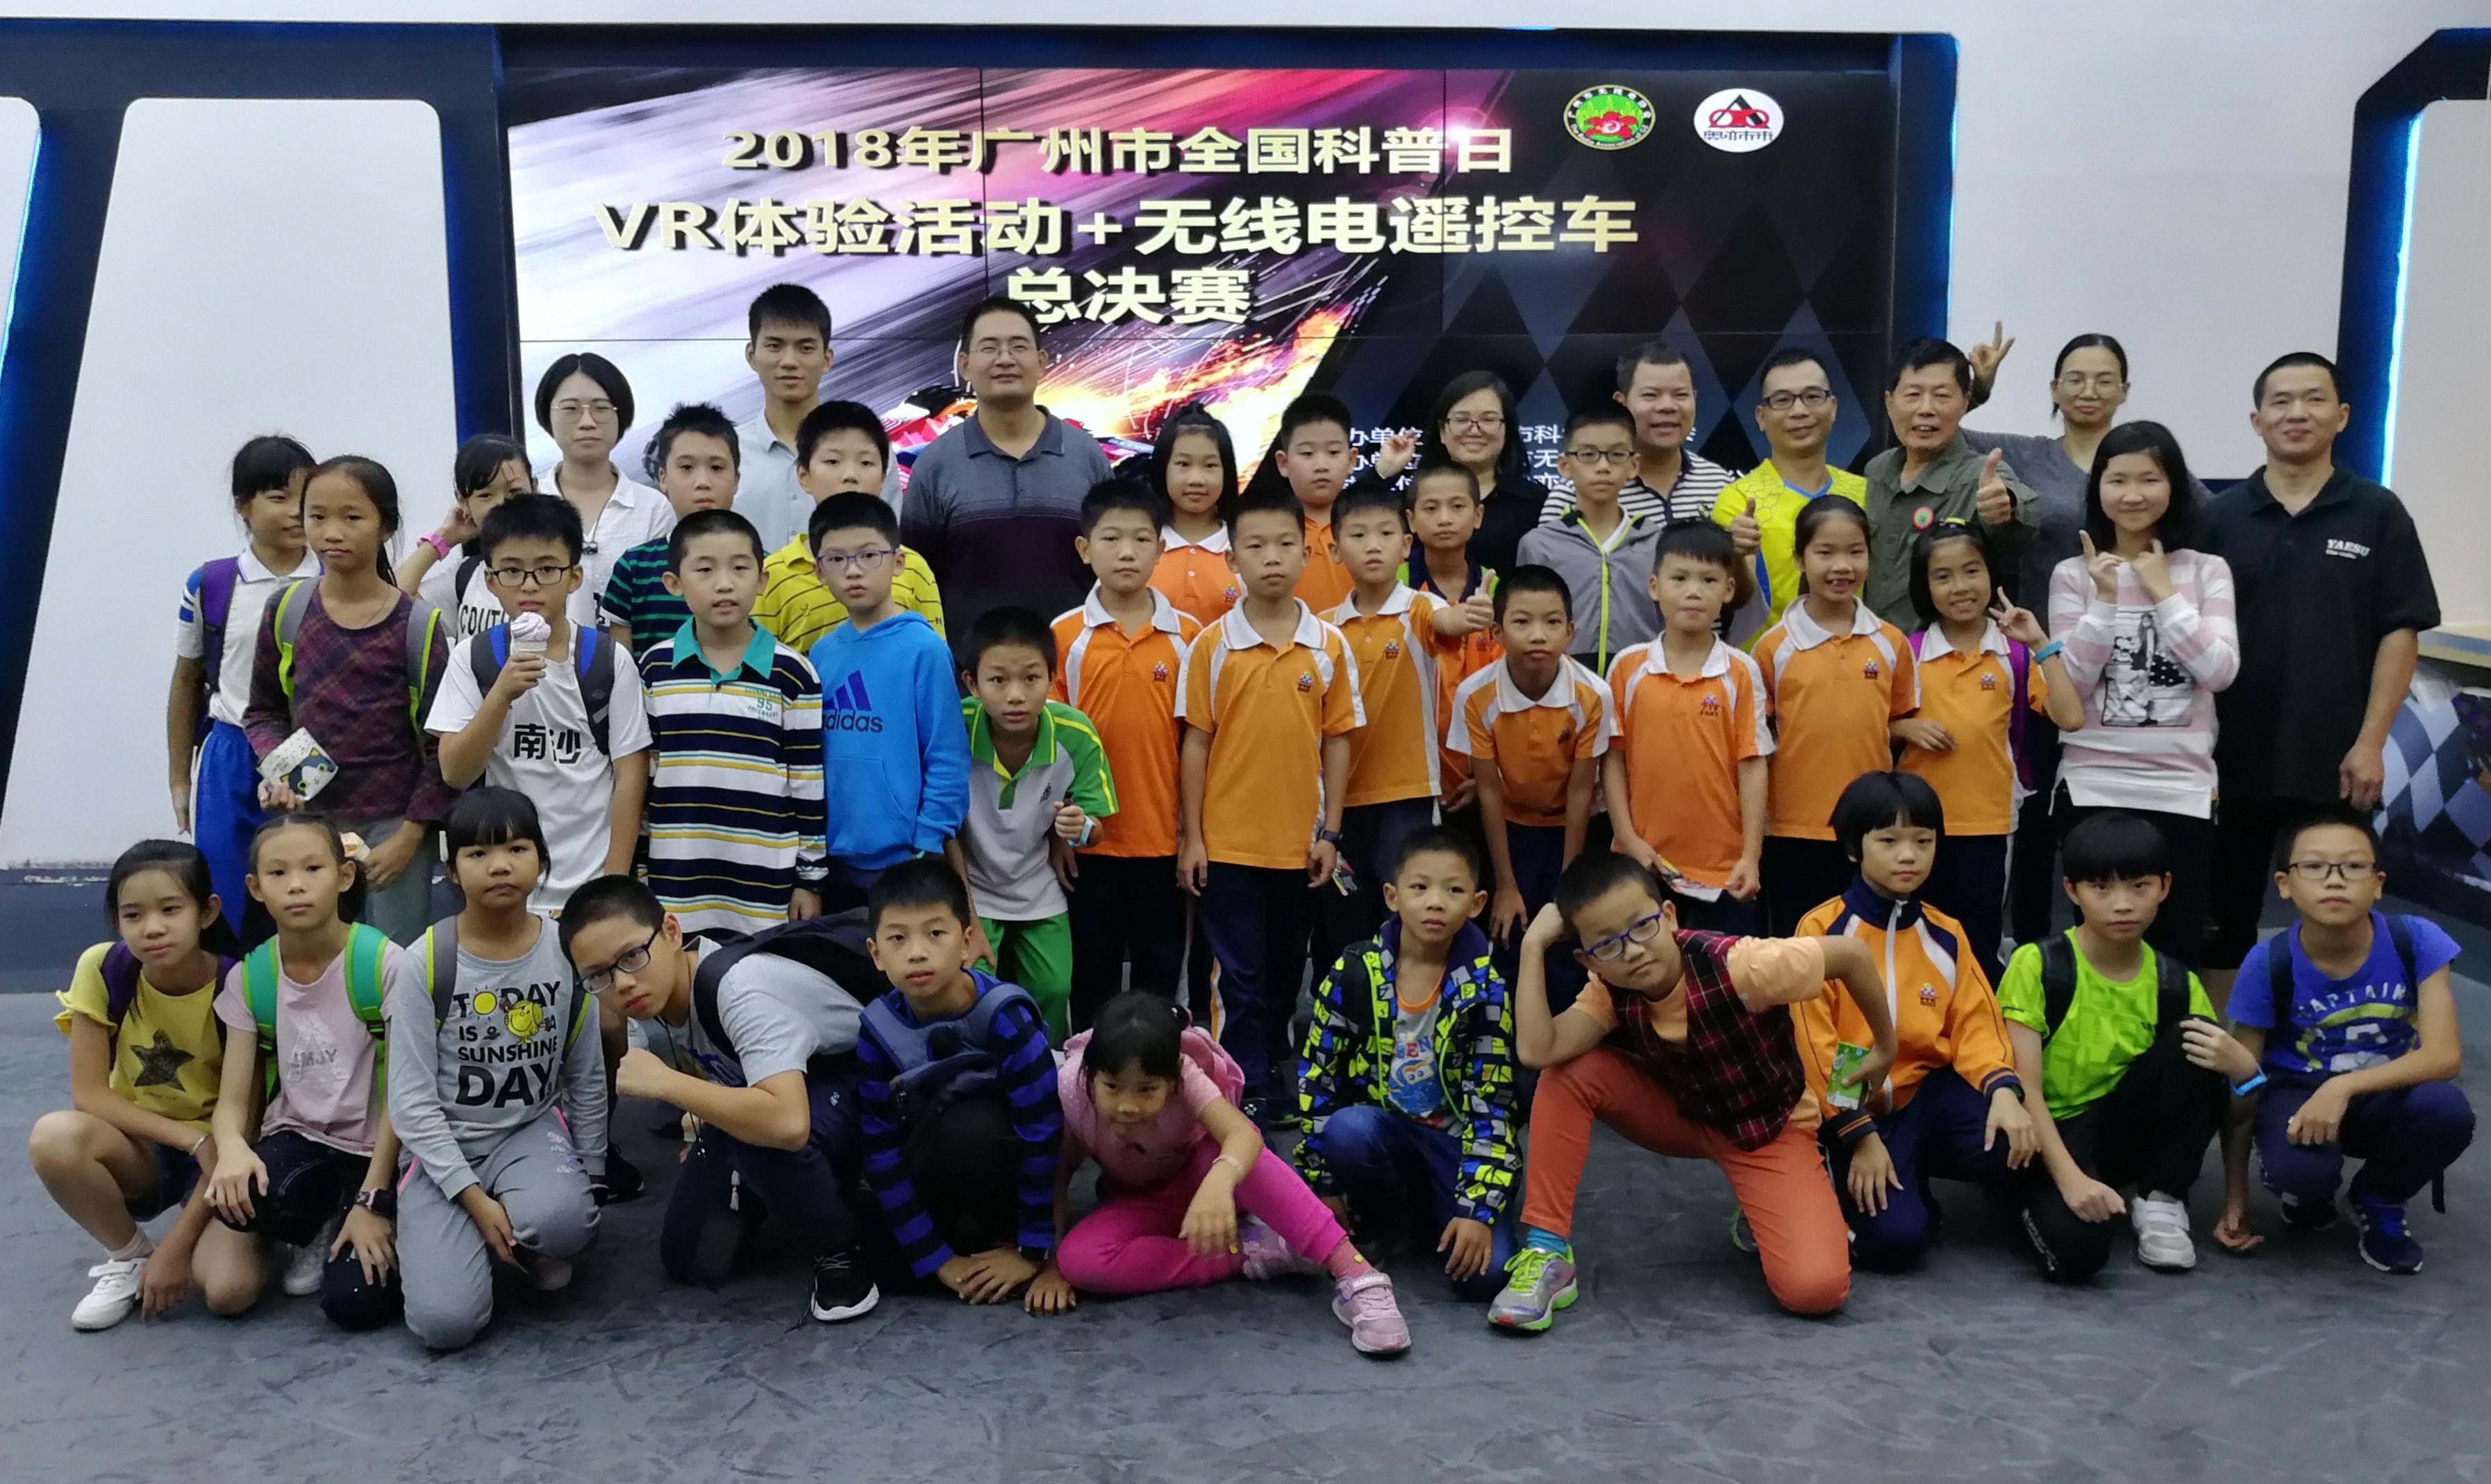 2018 年广州市全国科普日-奥亦未来系列活动